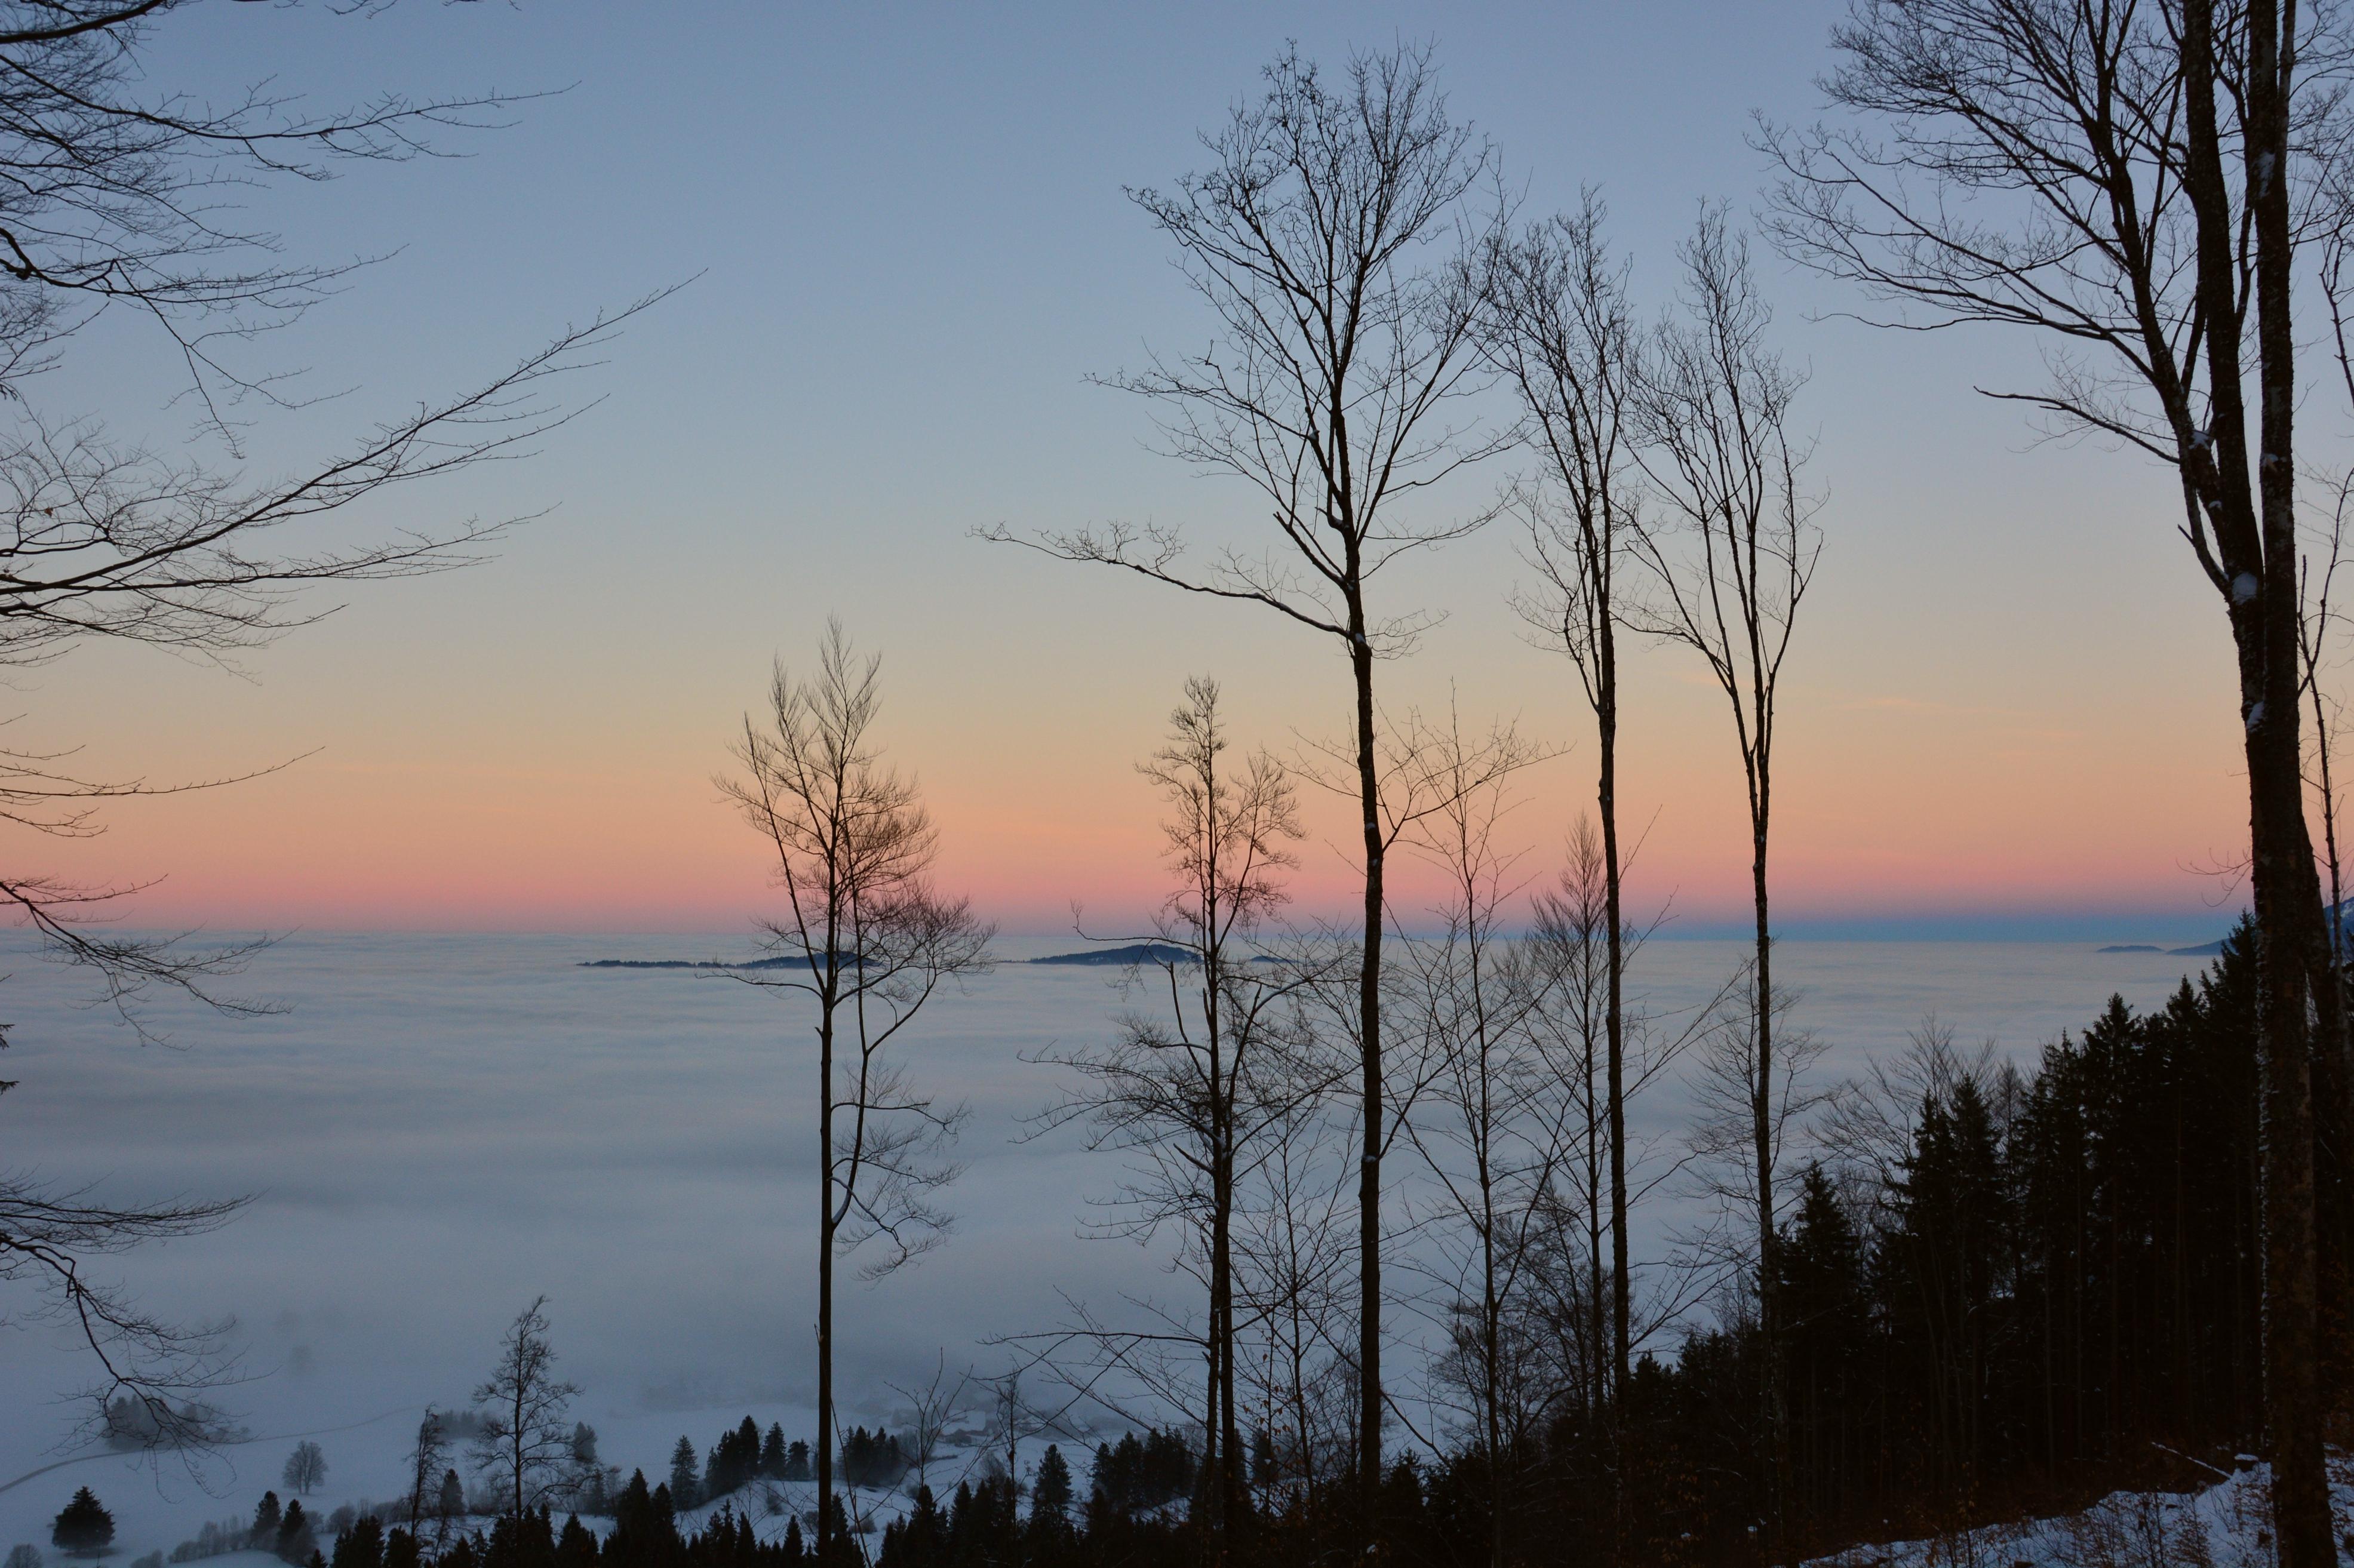 B0125_Falkenstein_Herbstwald_im_Sonnenuntergang_über_dem_Nebel.jpg